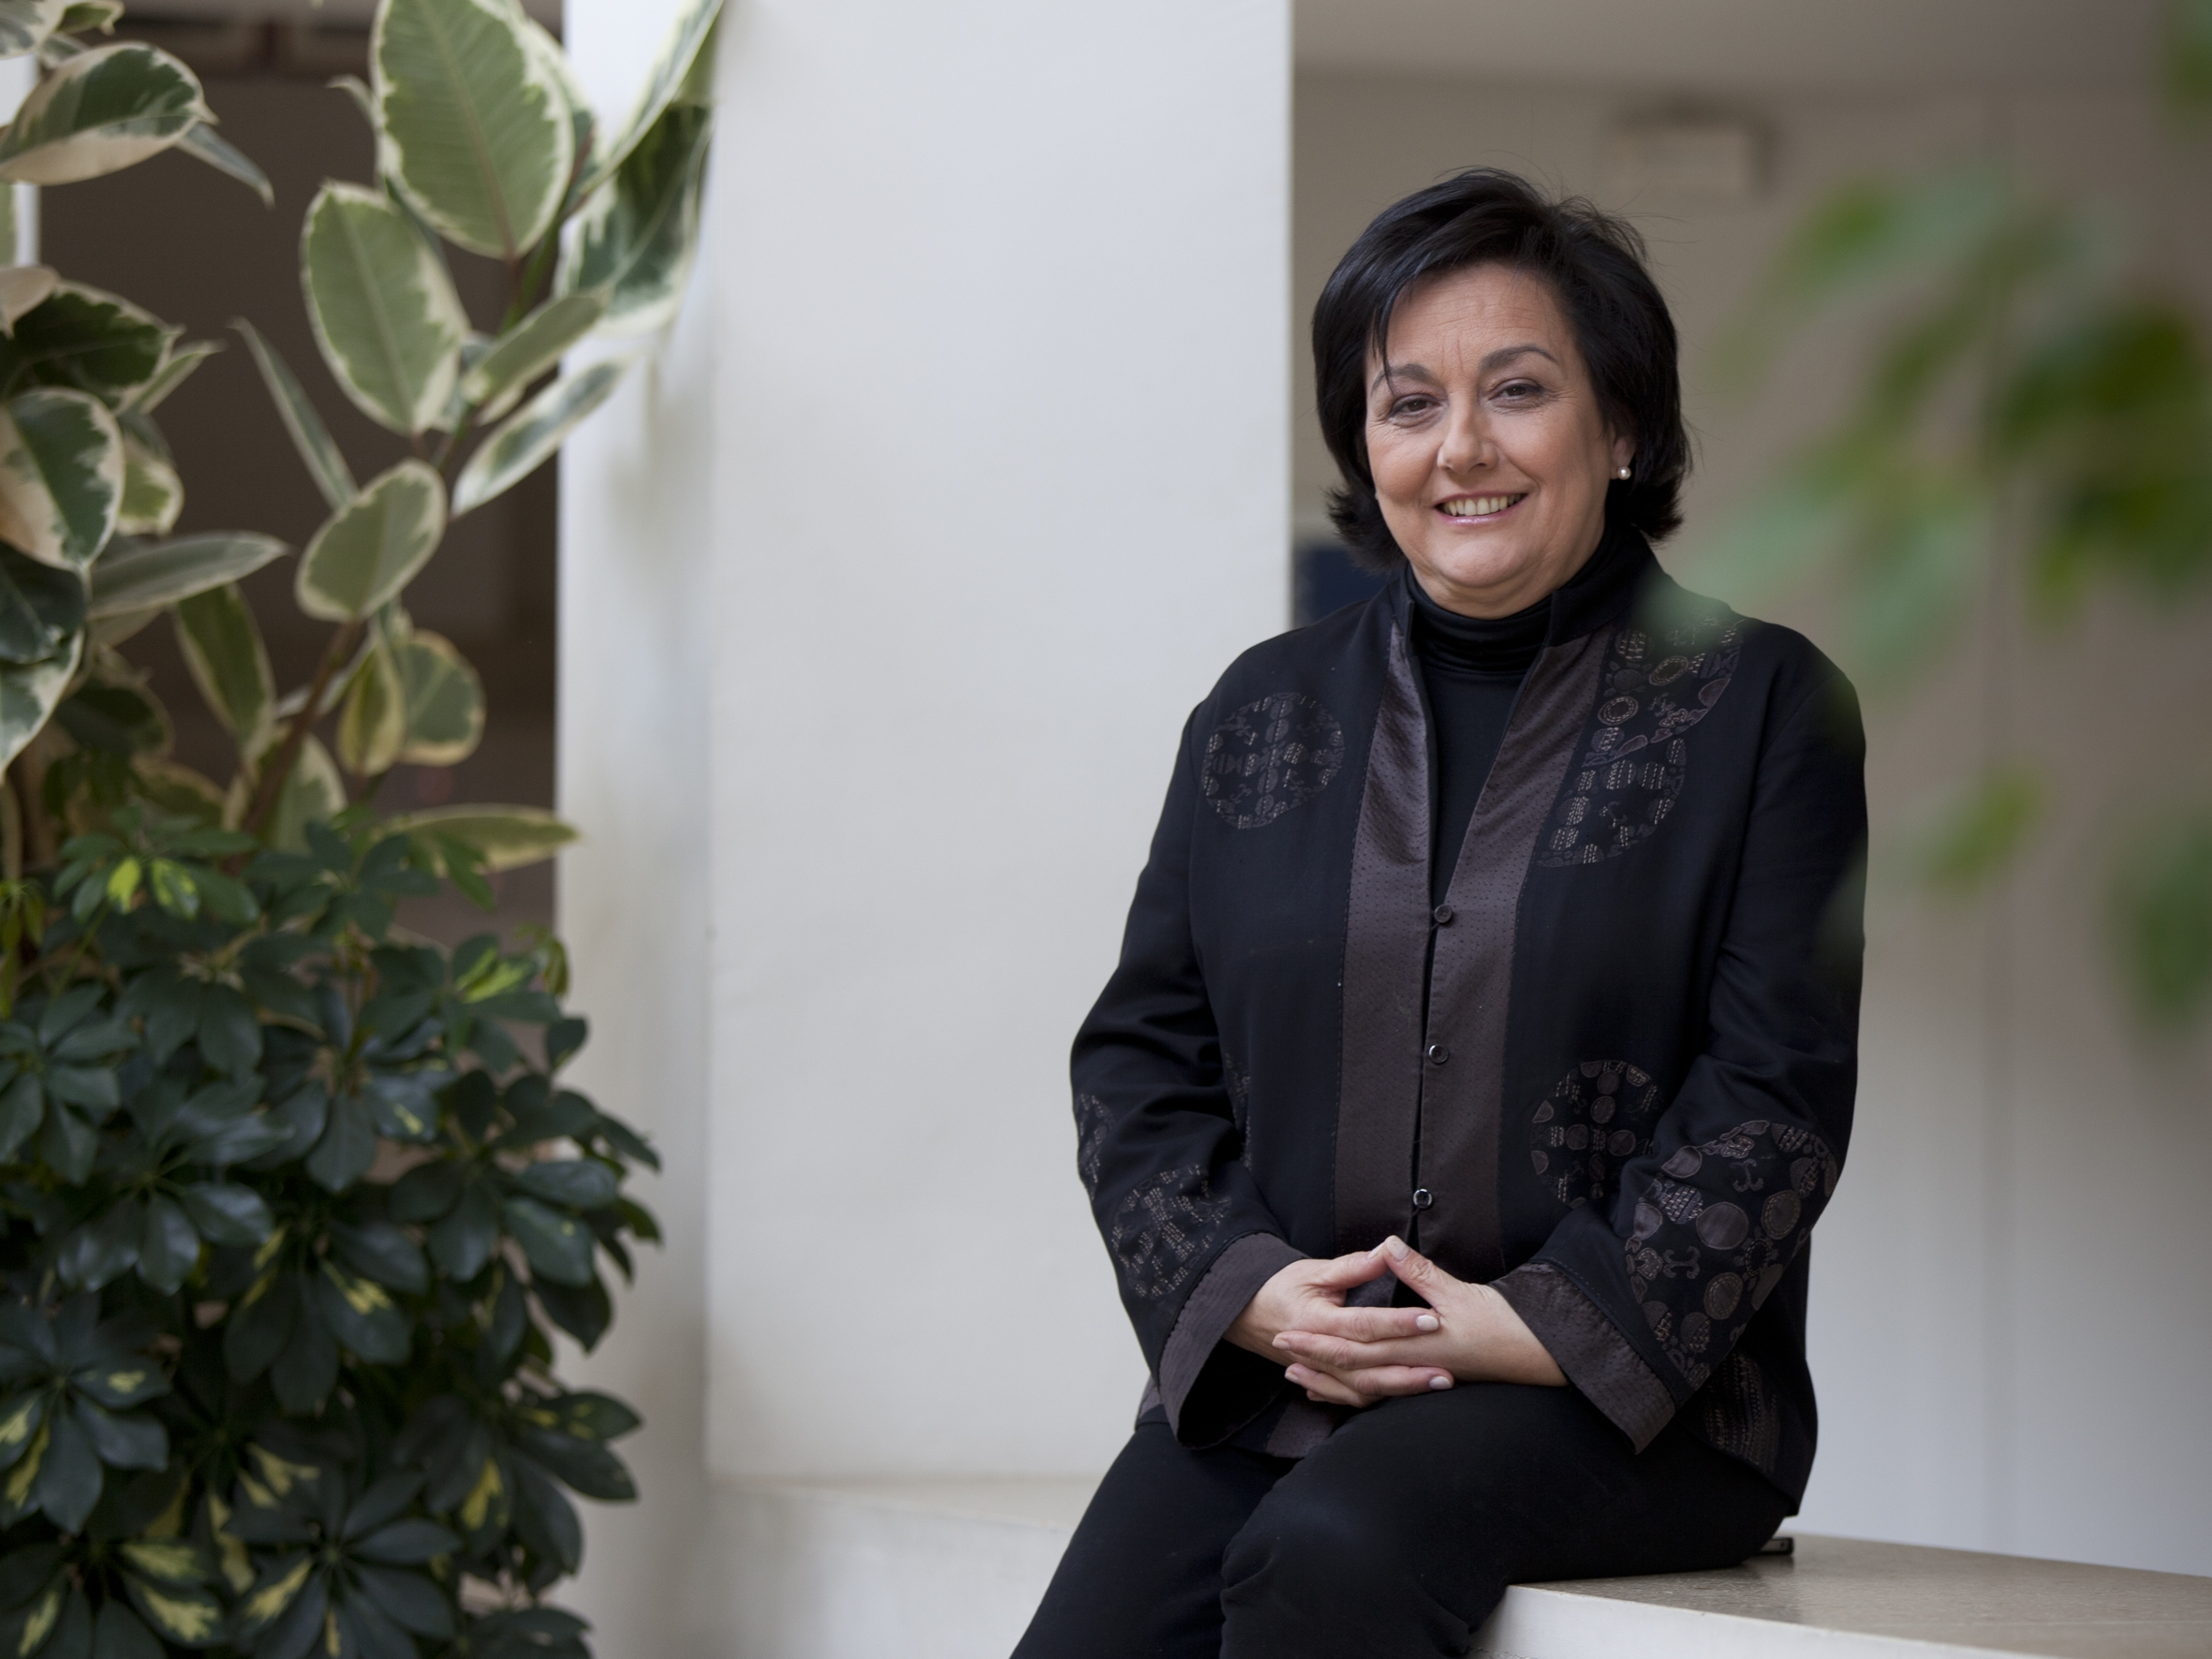 La responsable de la Semana de Música Religiosa de Cuenca, Pilar Tomás. / El Correo